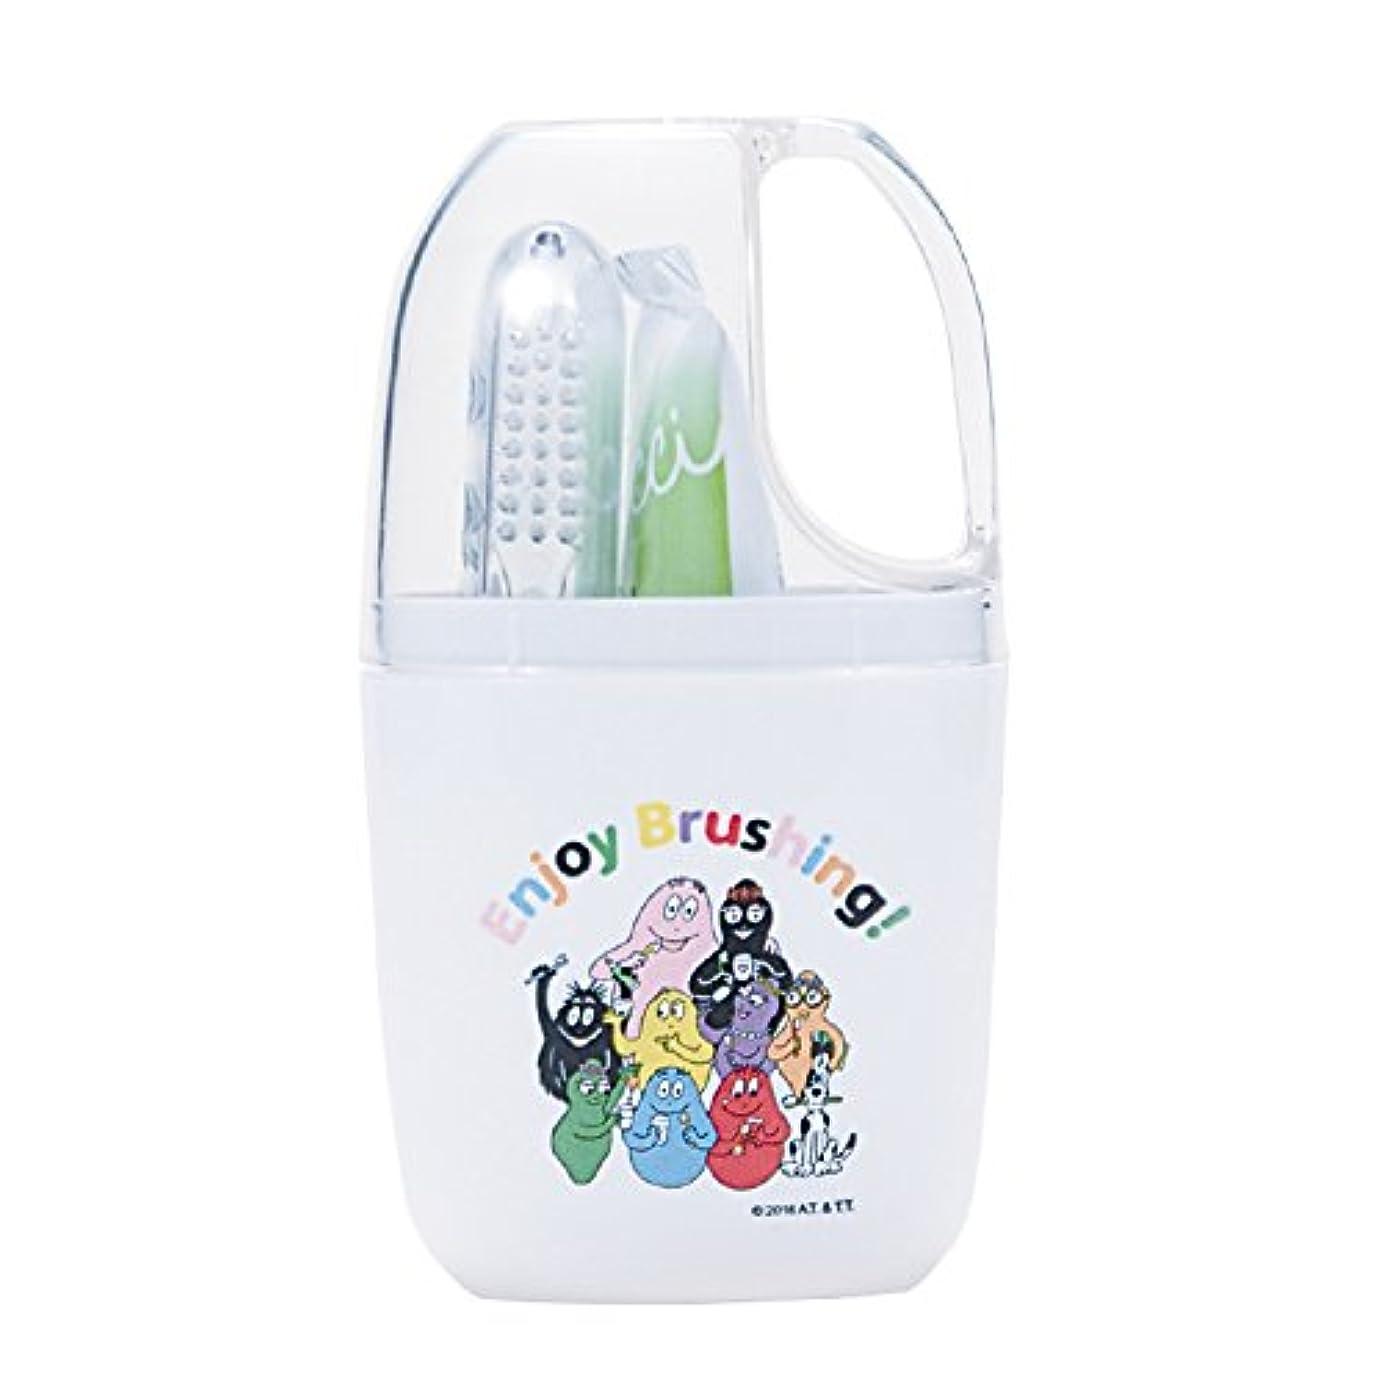 シルク古い文明化Ci バーバパパ トラベルセット 歯ブラシ (コップ付きセット)